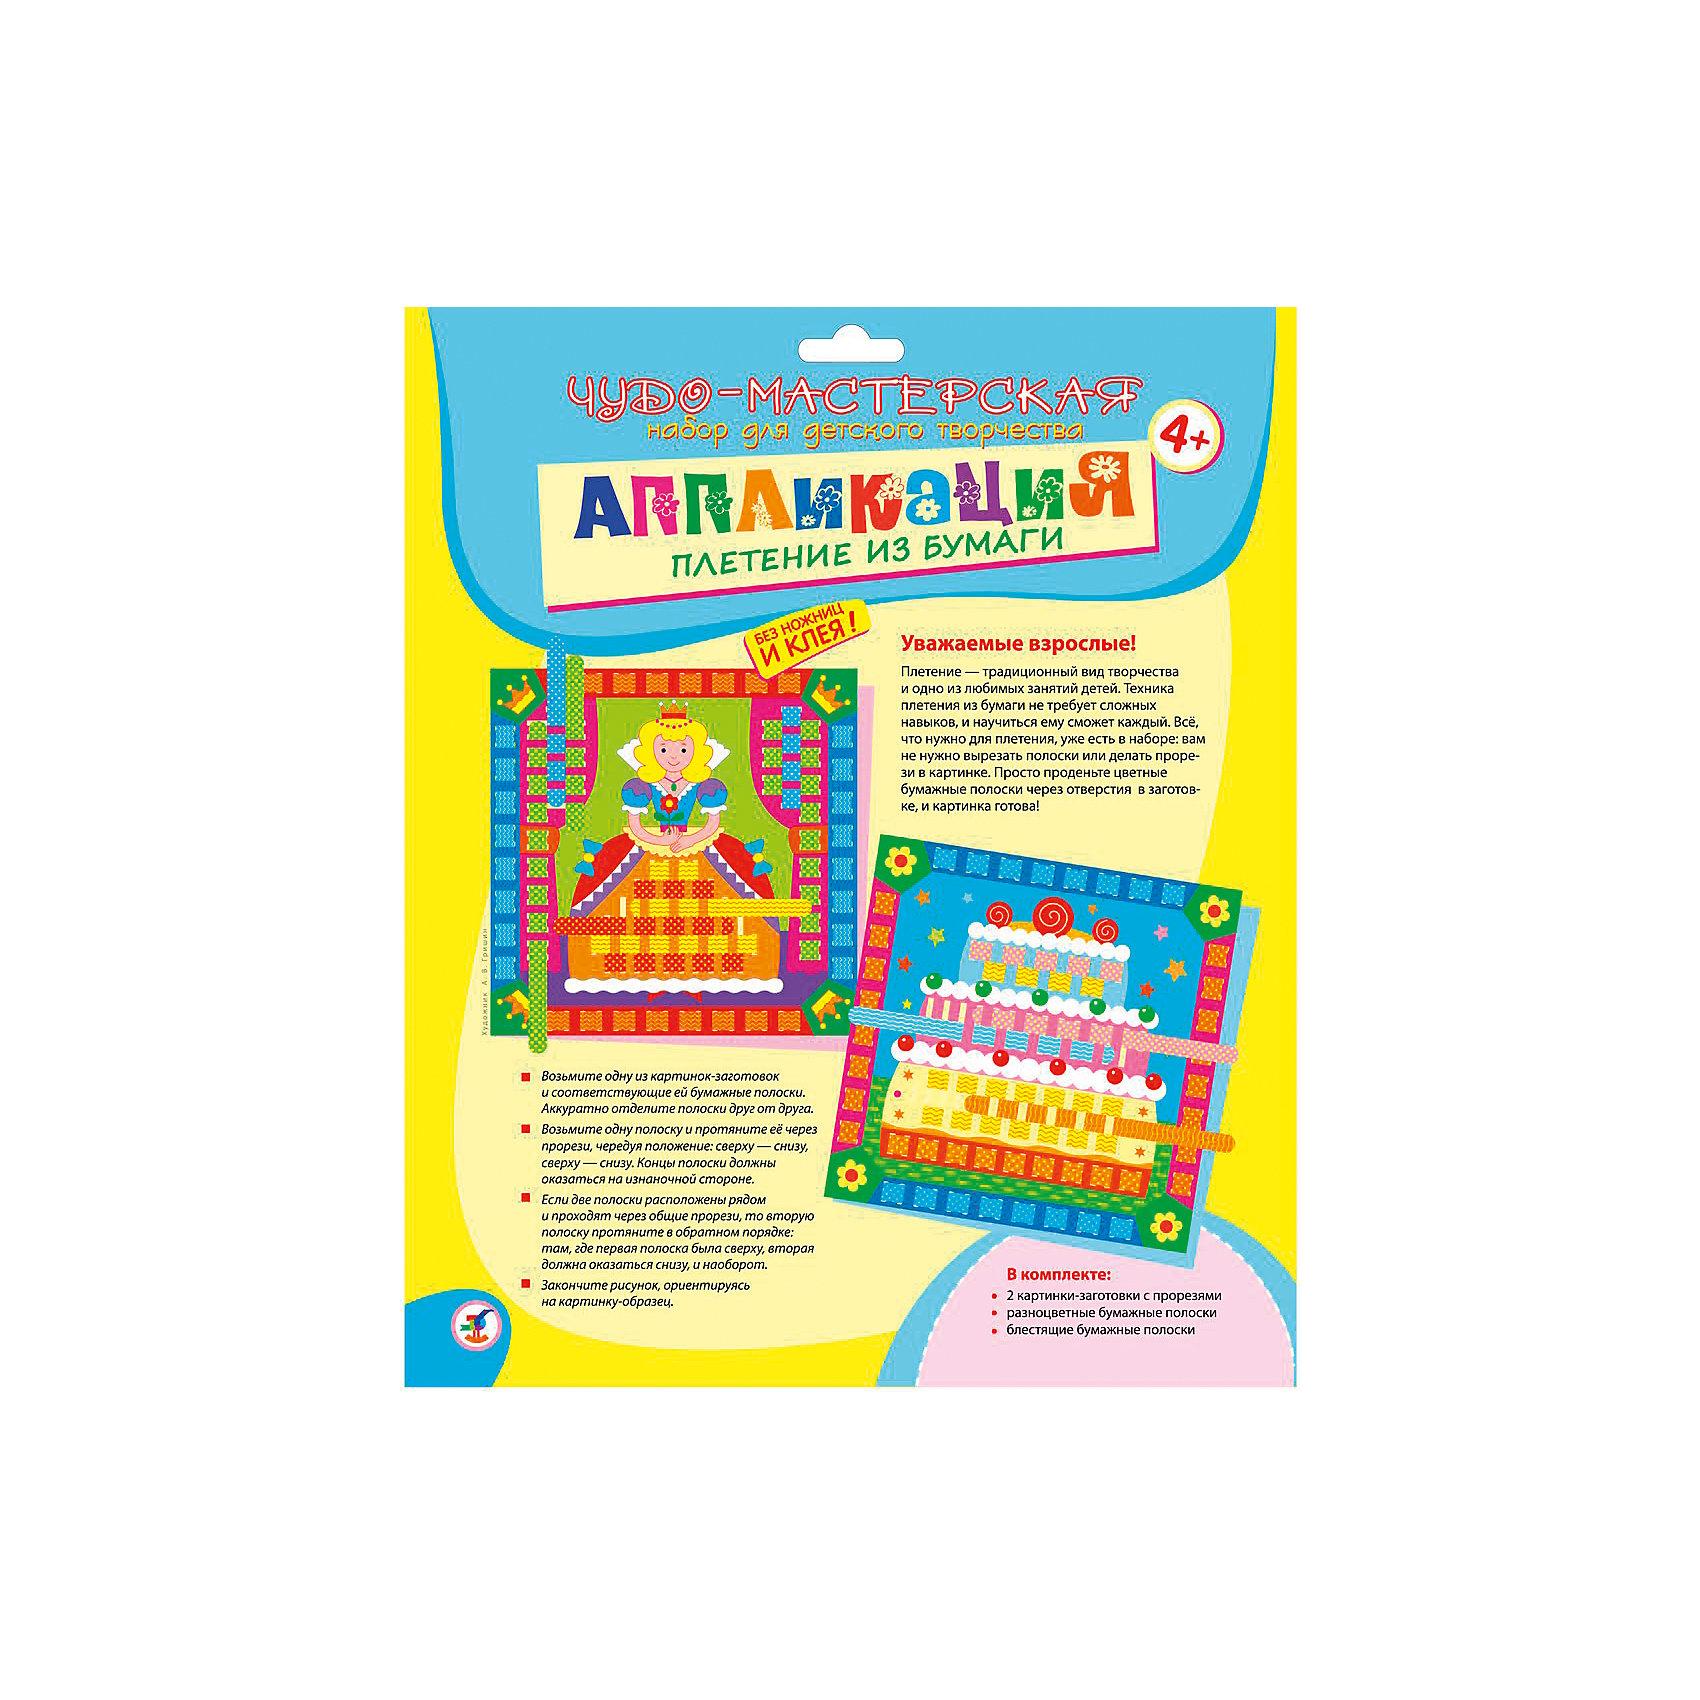 Плетение из бумаги Принцесса. ТортРукоделие<br>Плетение из бумаги Принцесса. Торт - увлекательный набор для детского творчества, который познакомит Вашего ребенка с традиционной техникой плетения и поможет создать чудесную поделку из бумаги. В наборе есть все необходимые для работы материалы: две картинки-заготовки с прорезями, разноцветные и блестящие бумажные полоски. Процесс изготовления не представляет больших сложностей и доступен даже самым маленьким: просто проденьте цветные бумажные полоски через отверстия и картинка готова! Протягивая полоски через прорези<br>чередуйте положение: сверху - снизу, сверху - снизу. Закончите картинку, ориентируясь на цветной образец. Концы полоски должны оказаться на изнаночной стороне. Красочные картинки с изображениями принцессы в роскошном платье и аппетитного торта украсят комнату ребенка или станут оригинальным сувениром для друзей и родных. Набор способствует развитию мелкой моторики, внимания, аккуратности и усидчивости.<br><br>Дополнительная информация:<br><br>- В комплекте: 2 картинки-заготовки с прорезями, разноцветные бумажные полоски, блестящие бумажные полоски.<br>- Материал: картон, бумага, голографическая пленка.<br>- Размер упаковки: 25 x 20 x 0,3 см.<br>- Вес: 82 гр.<br><br>Плетение из бумаги Принцесса. Торт, Дрофа Медиа, можно купить в нашем интернет-магазине.<br><br>Ширина мм: 250<br>Глубина мм: 200<br>Высота мм: 2<br>Вес г: 85<br>Возраст от месяцев: 48<br>Возраст до месяцев: 2147483647<br>Пол: Унисекс<br>Возраст: Детский<br>SKU: 4561864